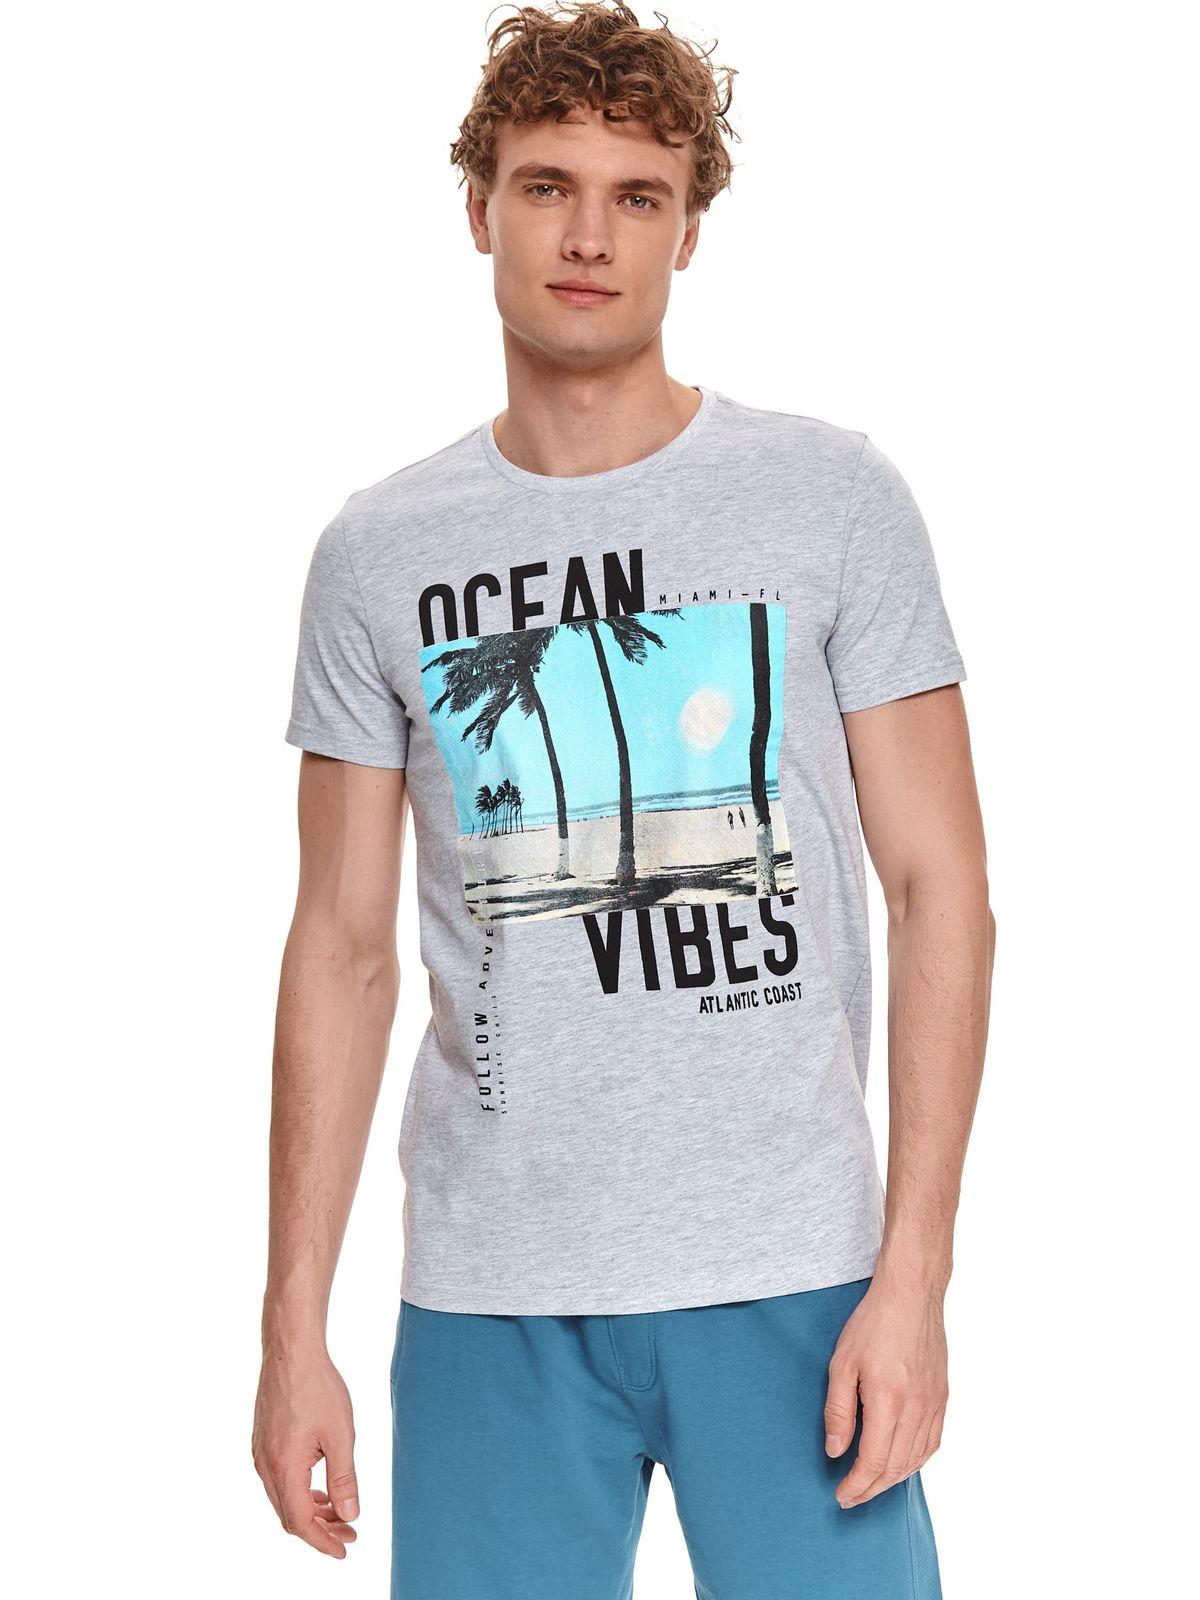 ΓΚΡΙ T-SHIRT OCEAN VIBES - 2253923